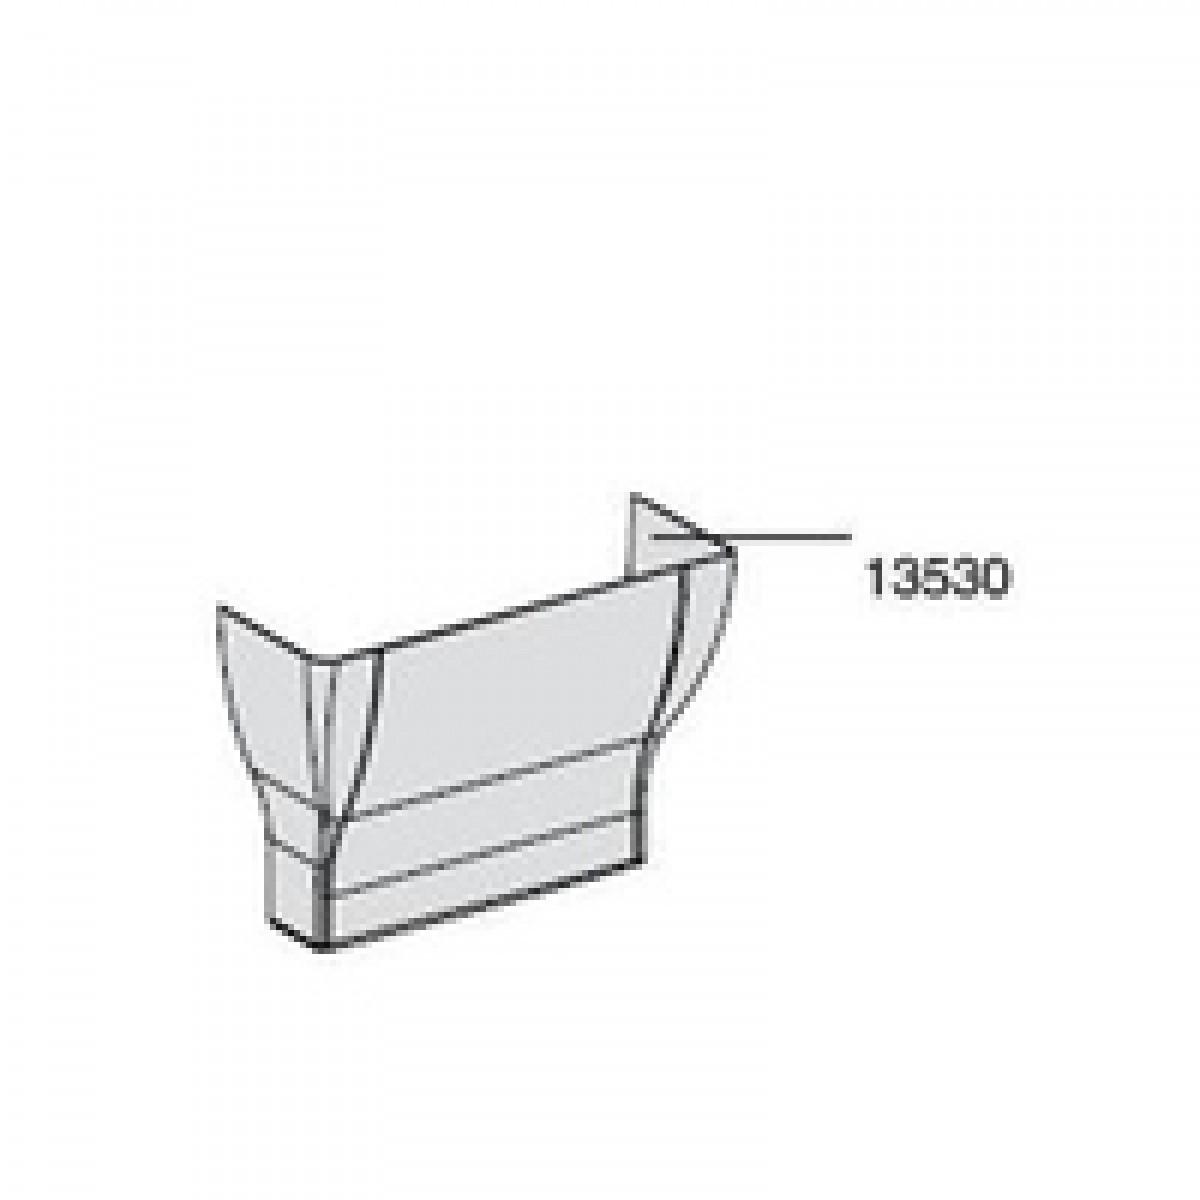 Goulotte Pour Plafond cornet d'epanouissement gtl jonction goulotte / plafond - 13530